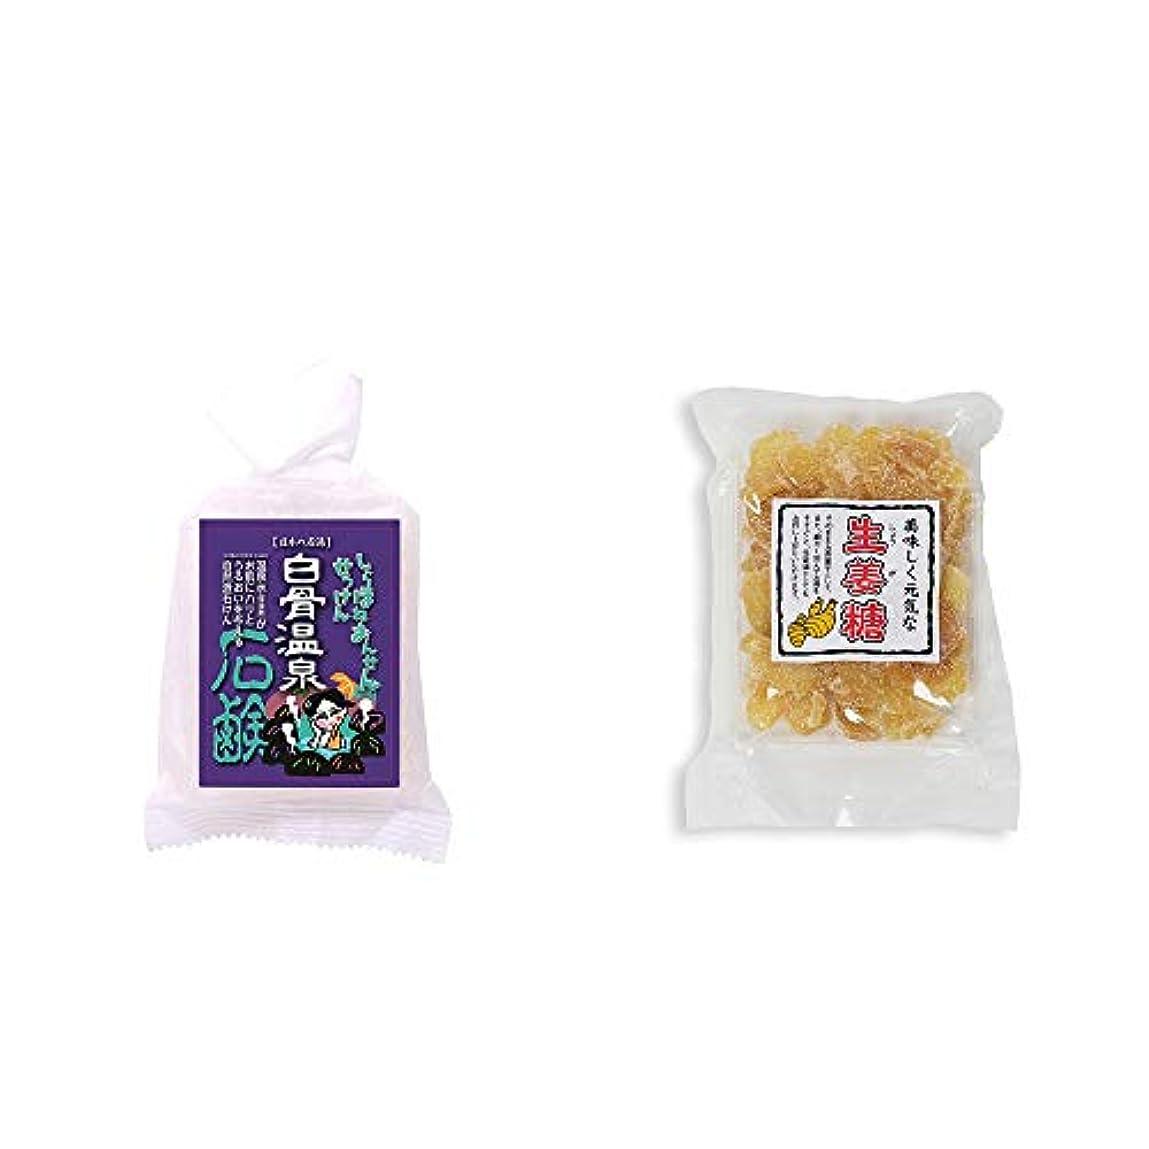 銀薬を飲む曲げる[2点セット] 信州 白骨温泉石鹸(80g)?生姜糖(230g)